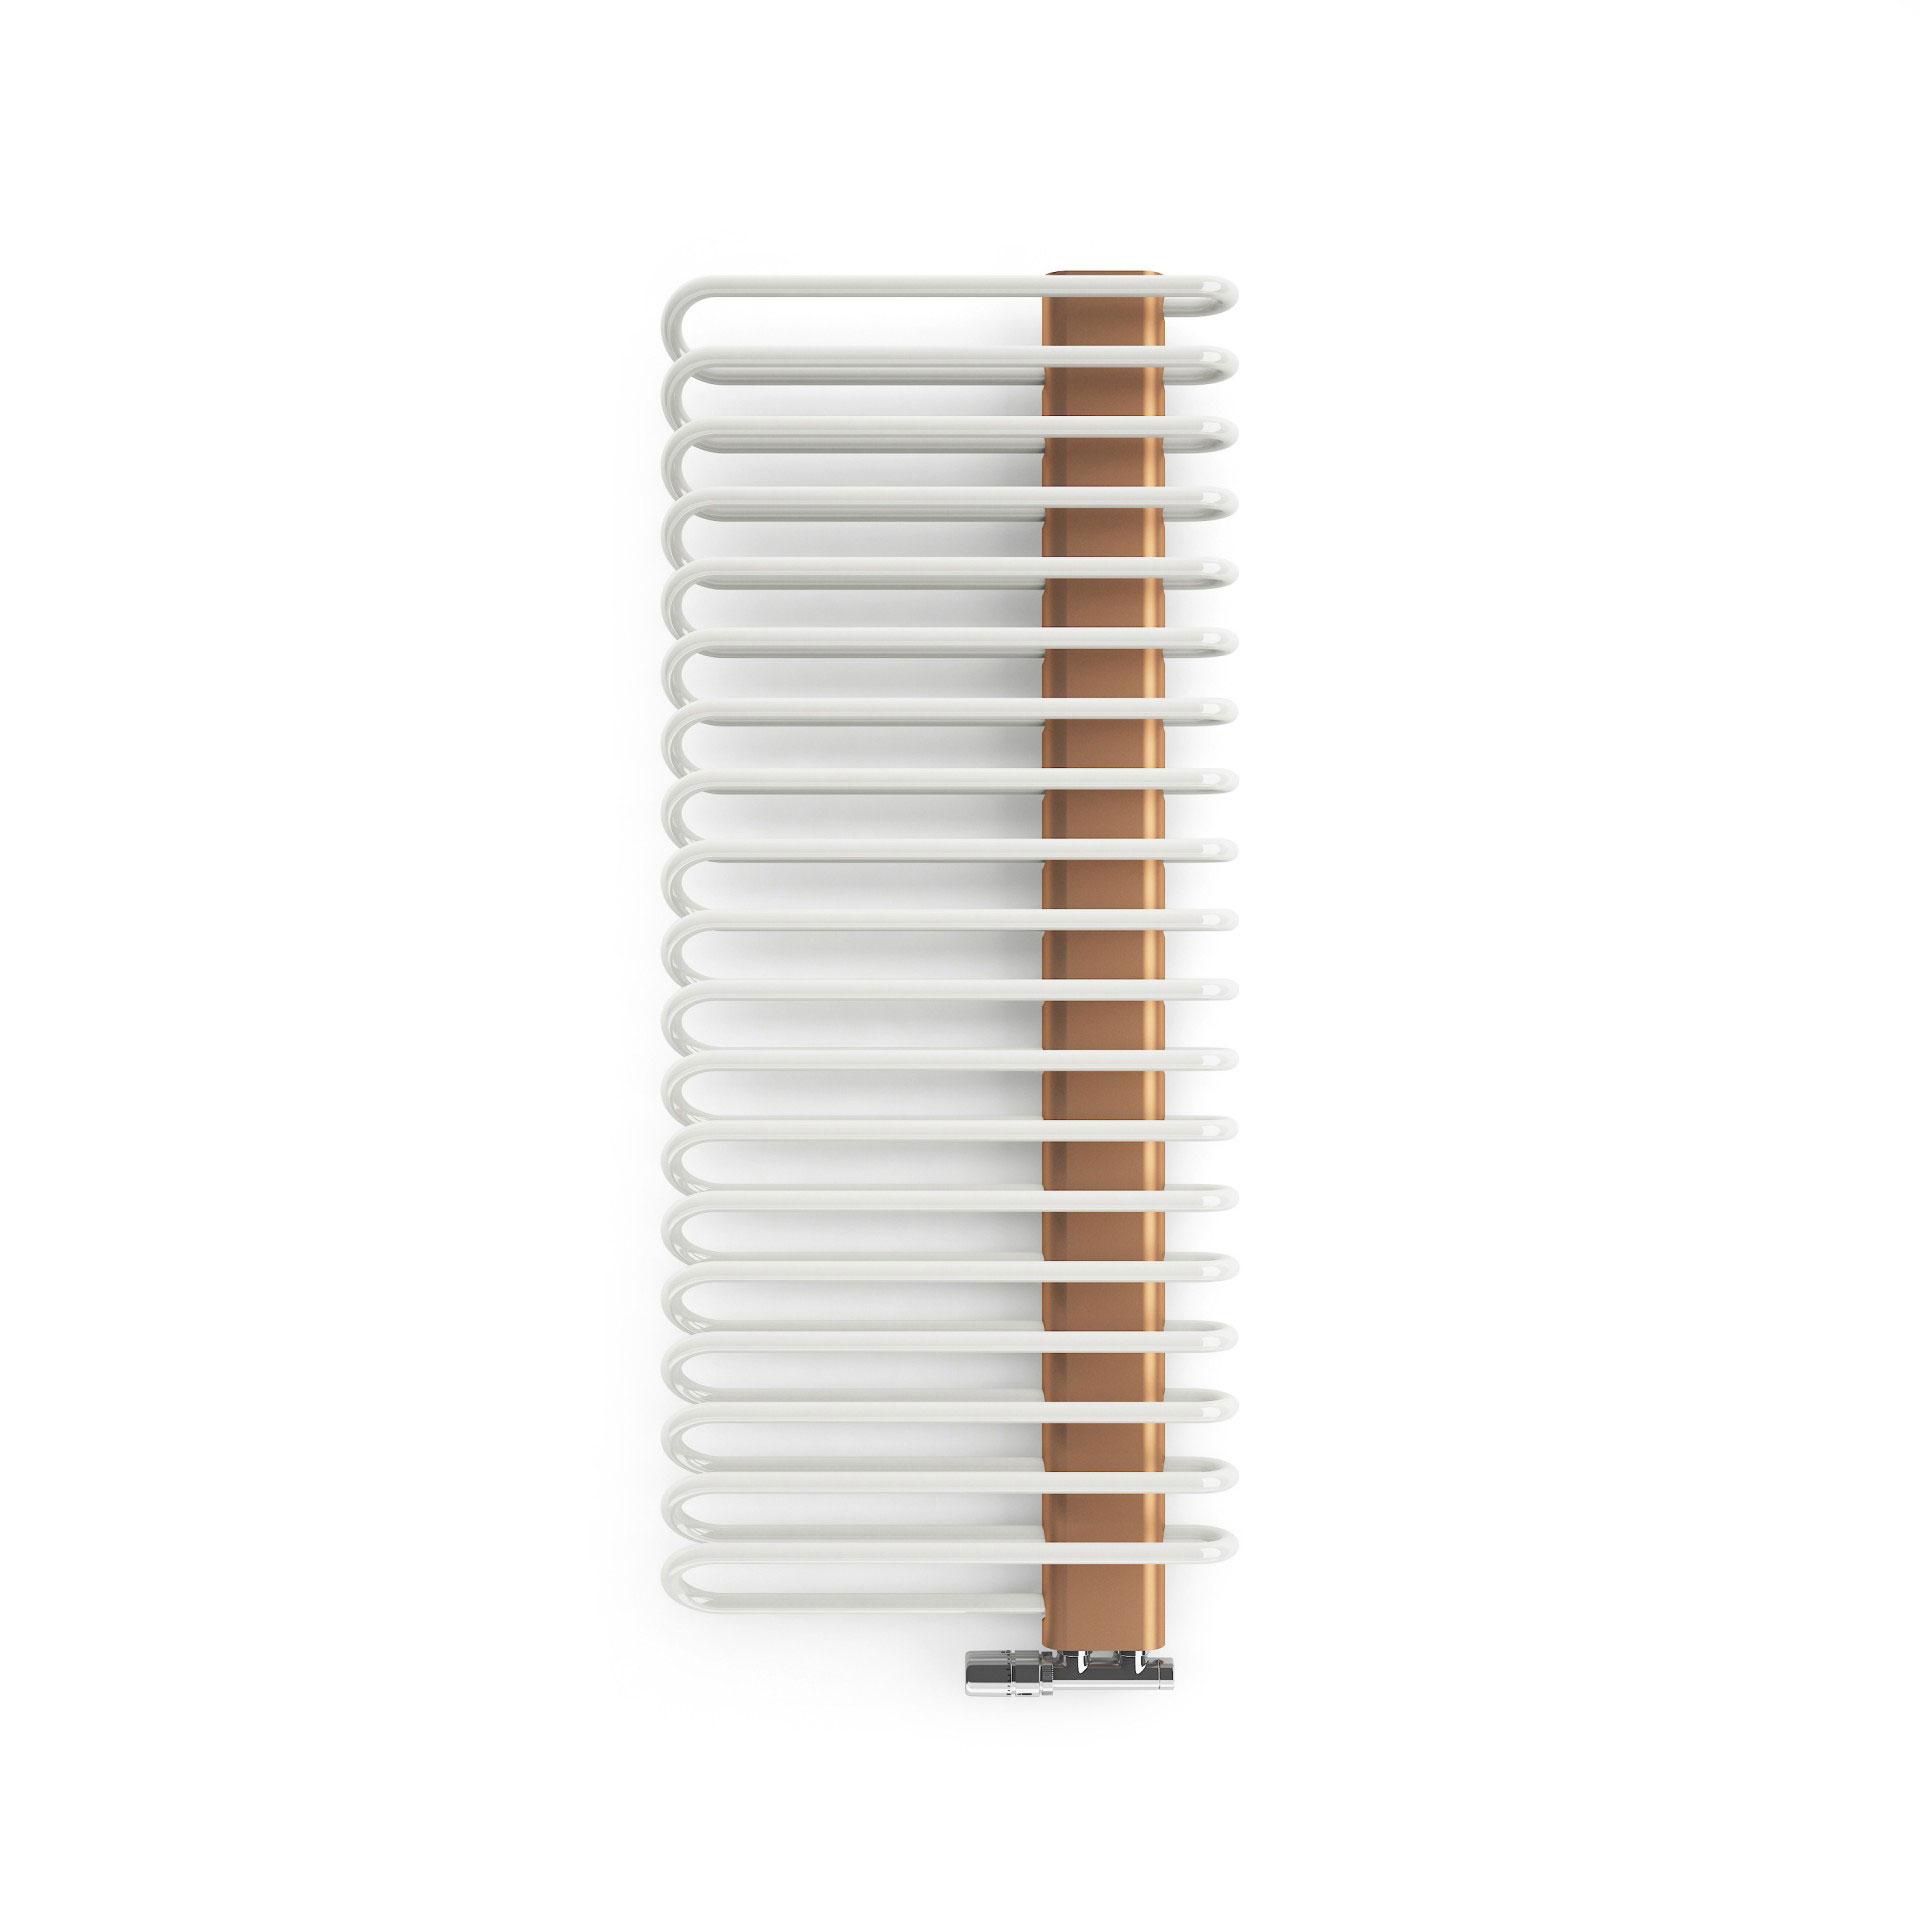 Couleur: RAL 9010 / Copper